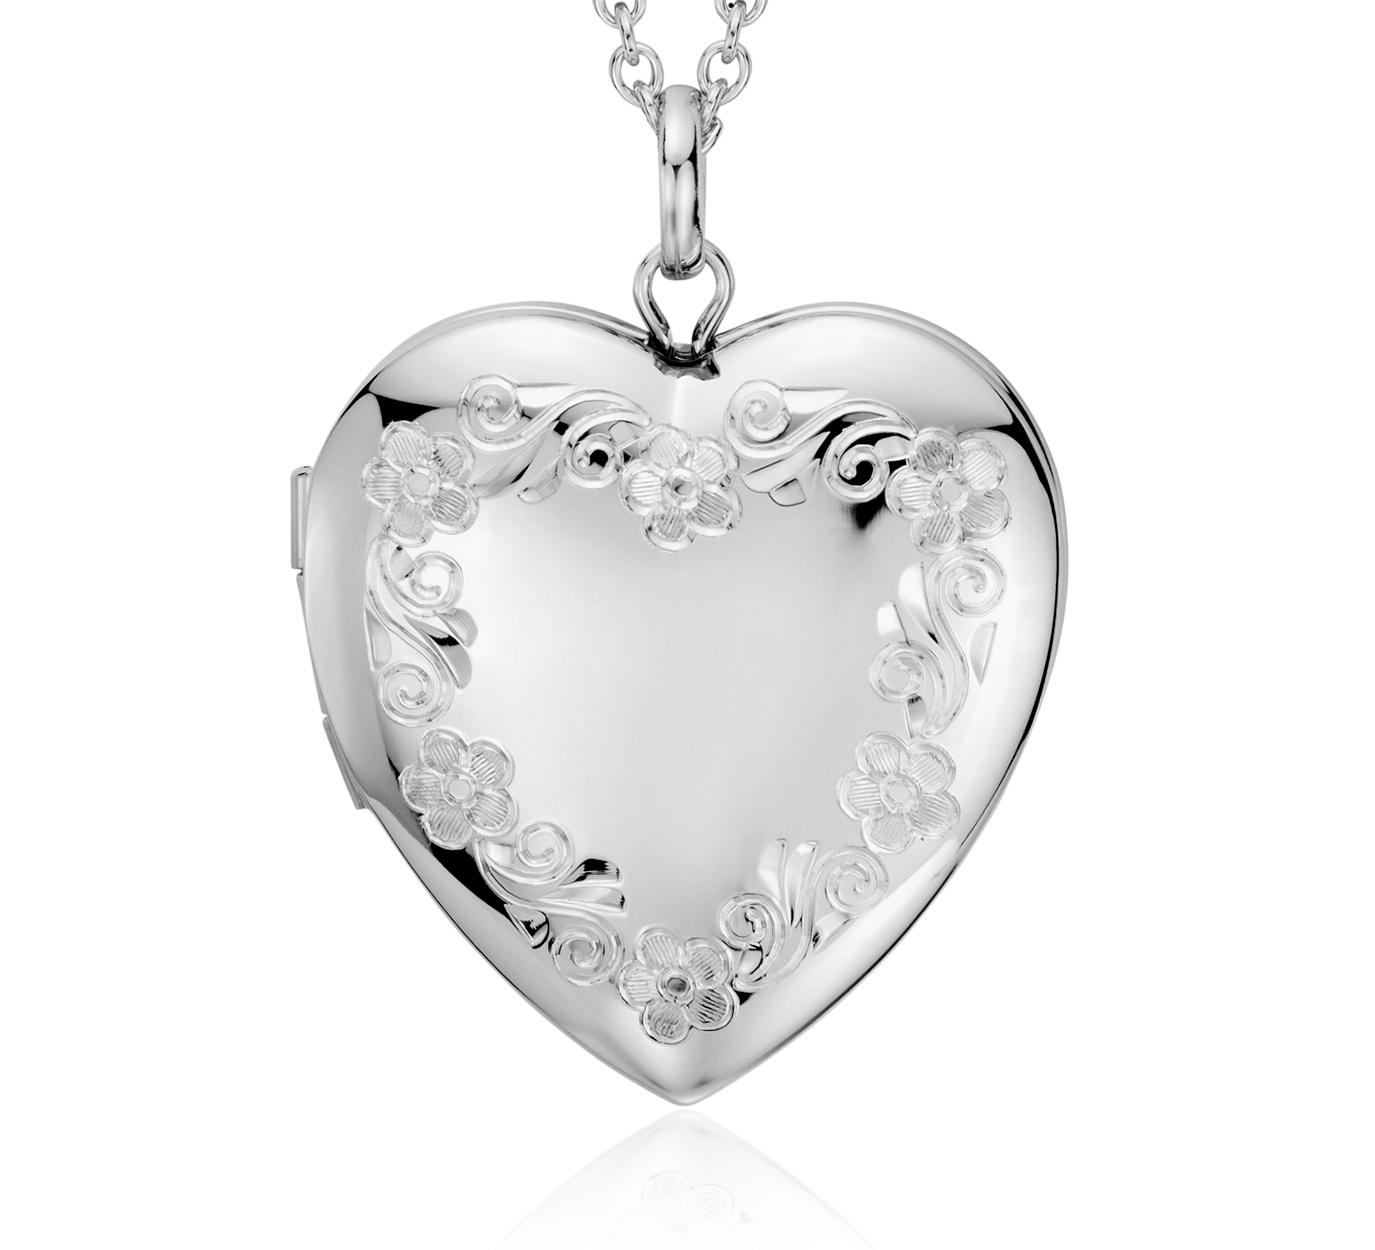 Médaillon cœur gravé floral en argent sterling